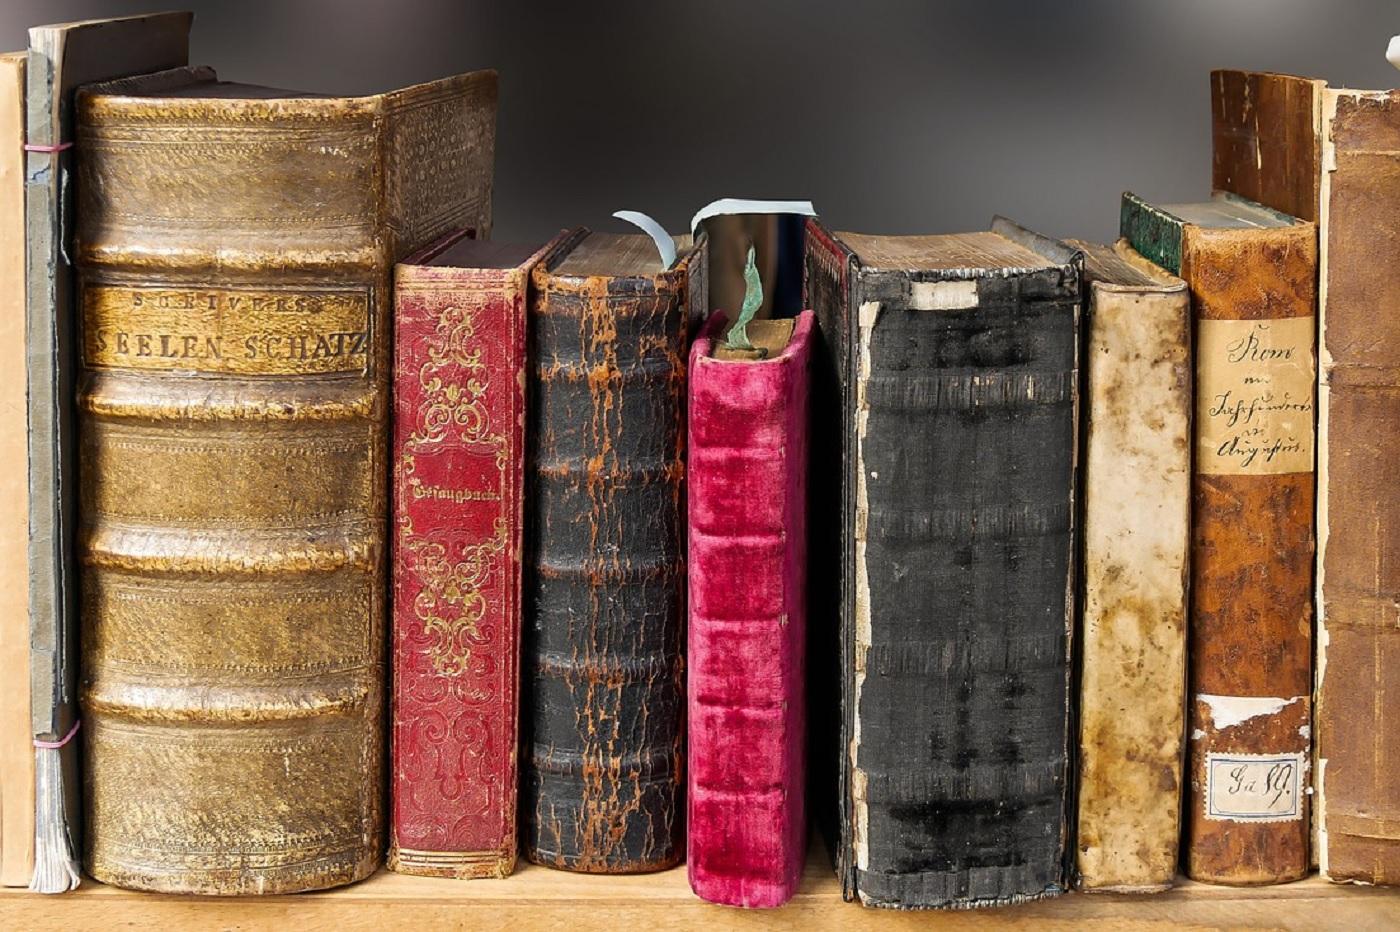 Des vieux livres